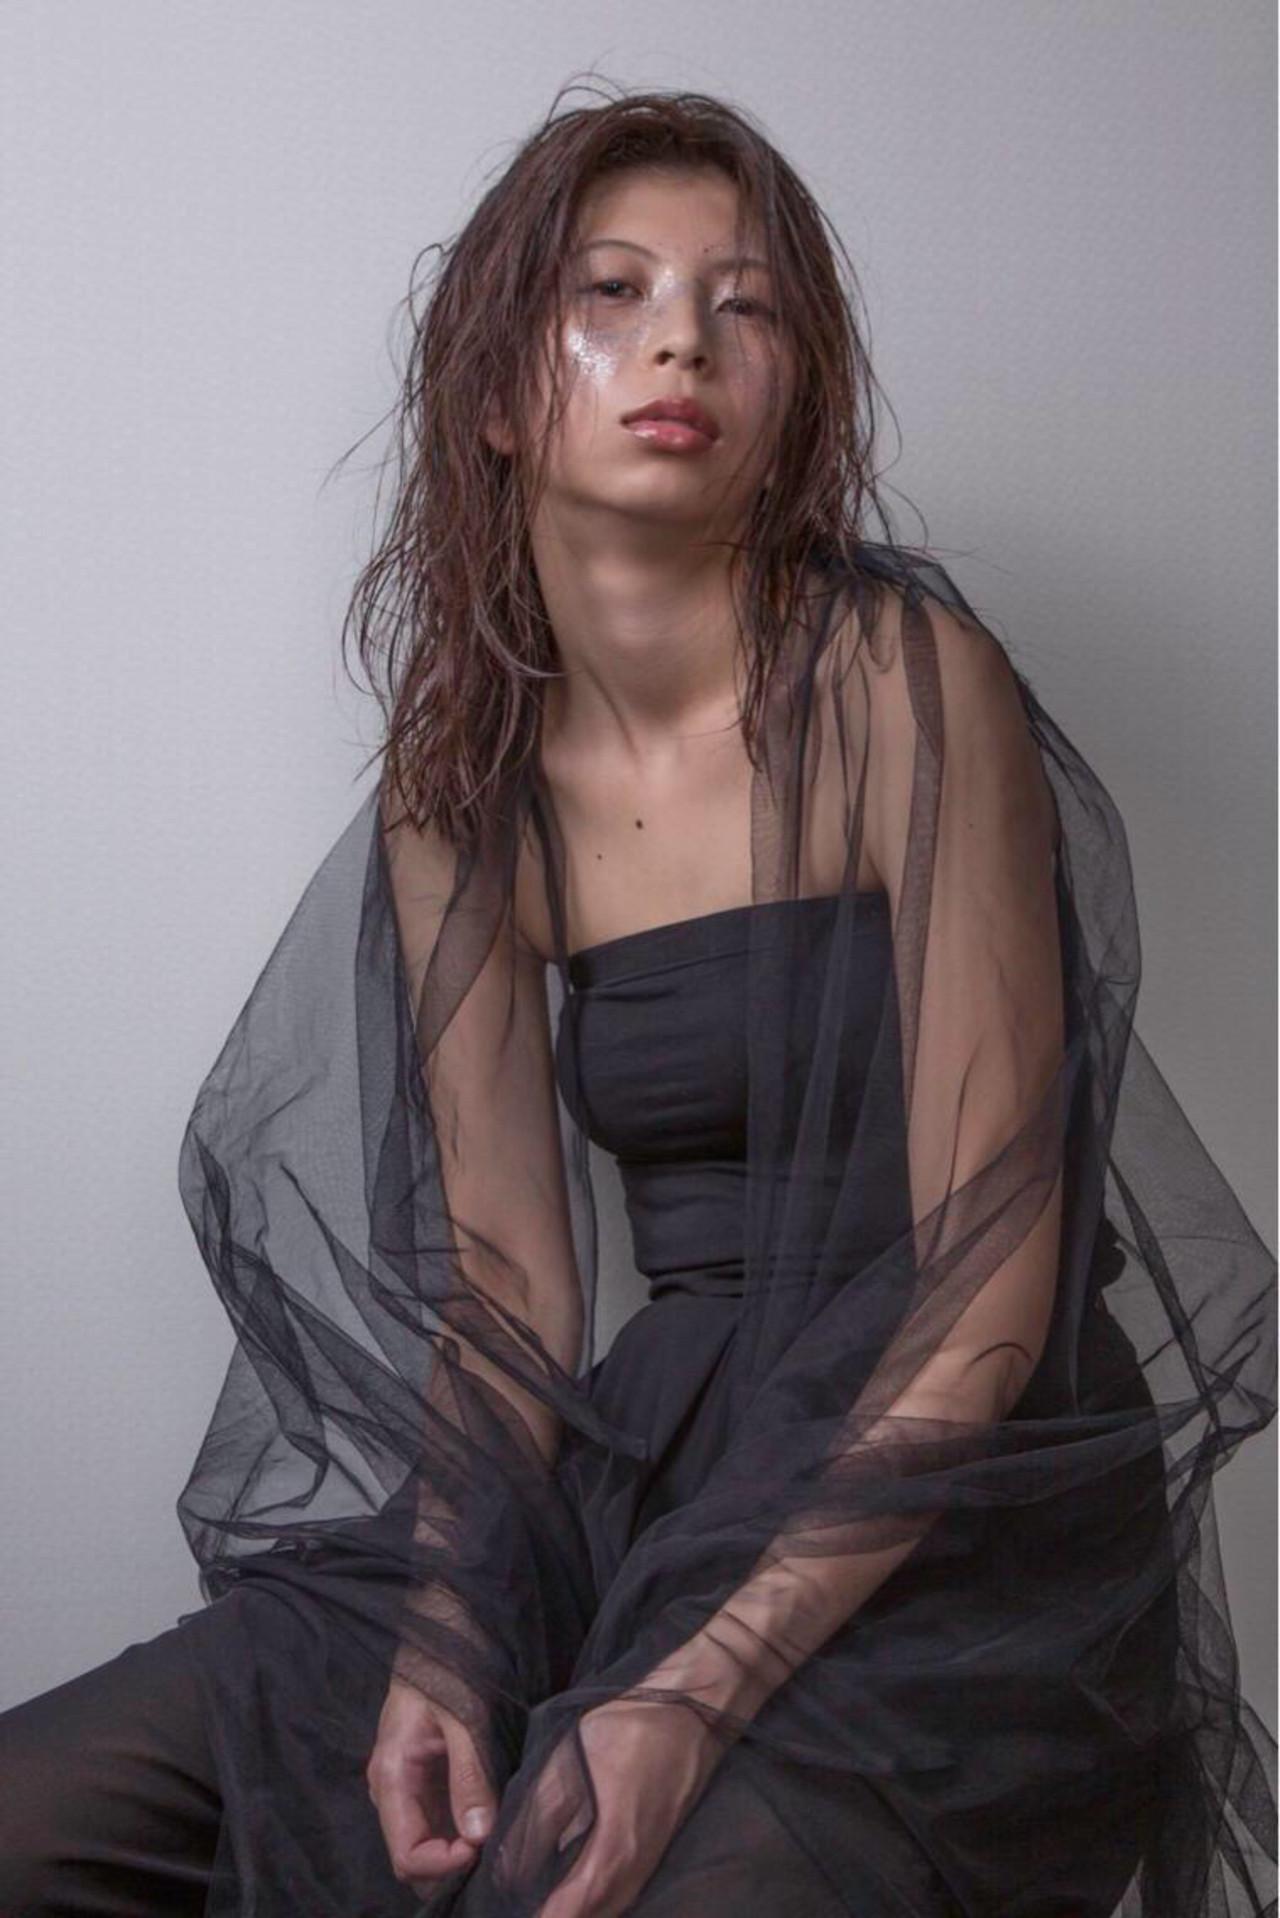 セミロング クール ウェット 作品 ヘアスタイルや髪型の写真・画像